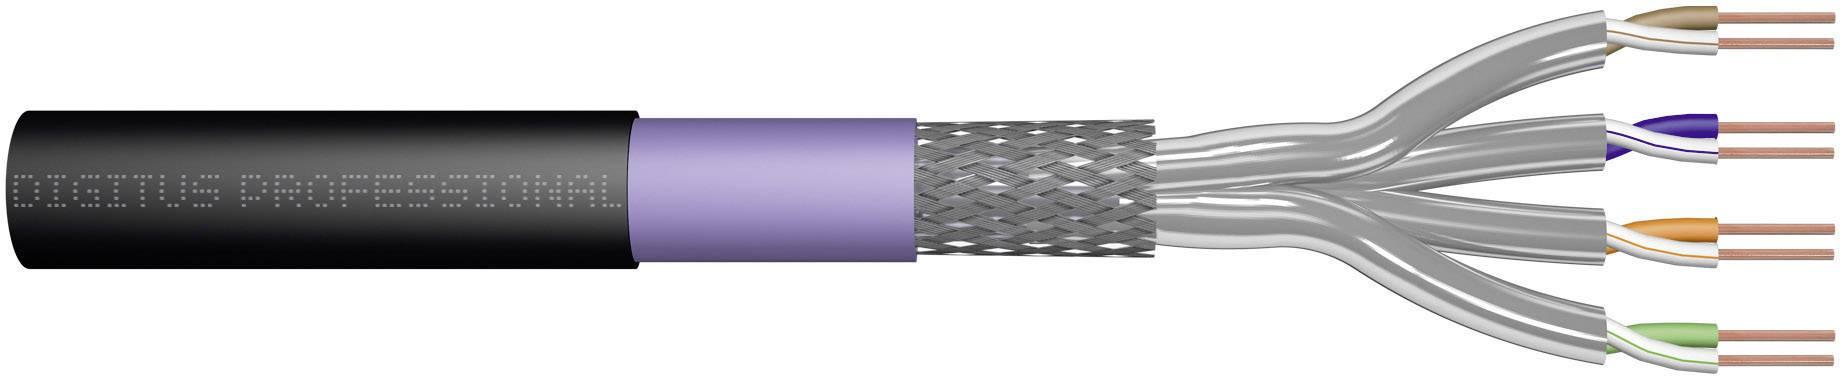 Ethernetový síťový kabel CAT 7 Digitus Professional DK-1741-VH-10-OD, S/FTP, 4 x 2 x 0.25 mm², černá (RAL 9005), 1000 m